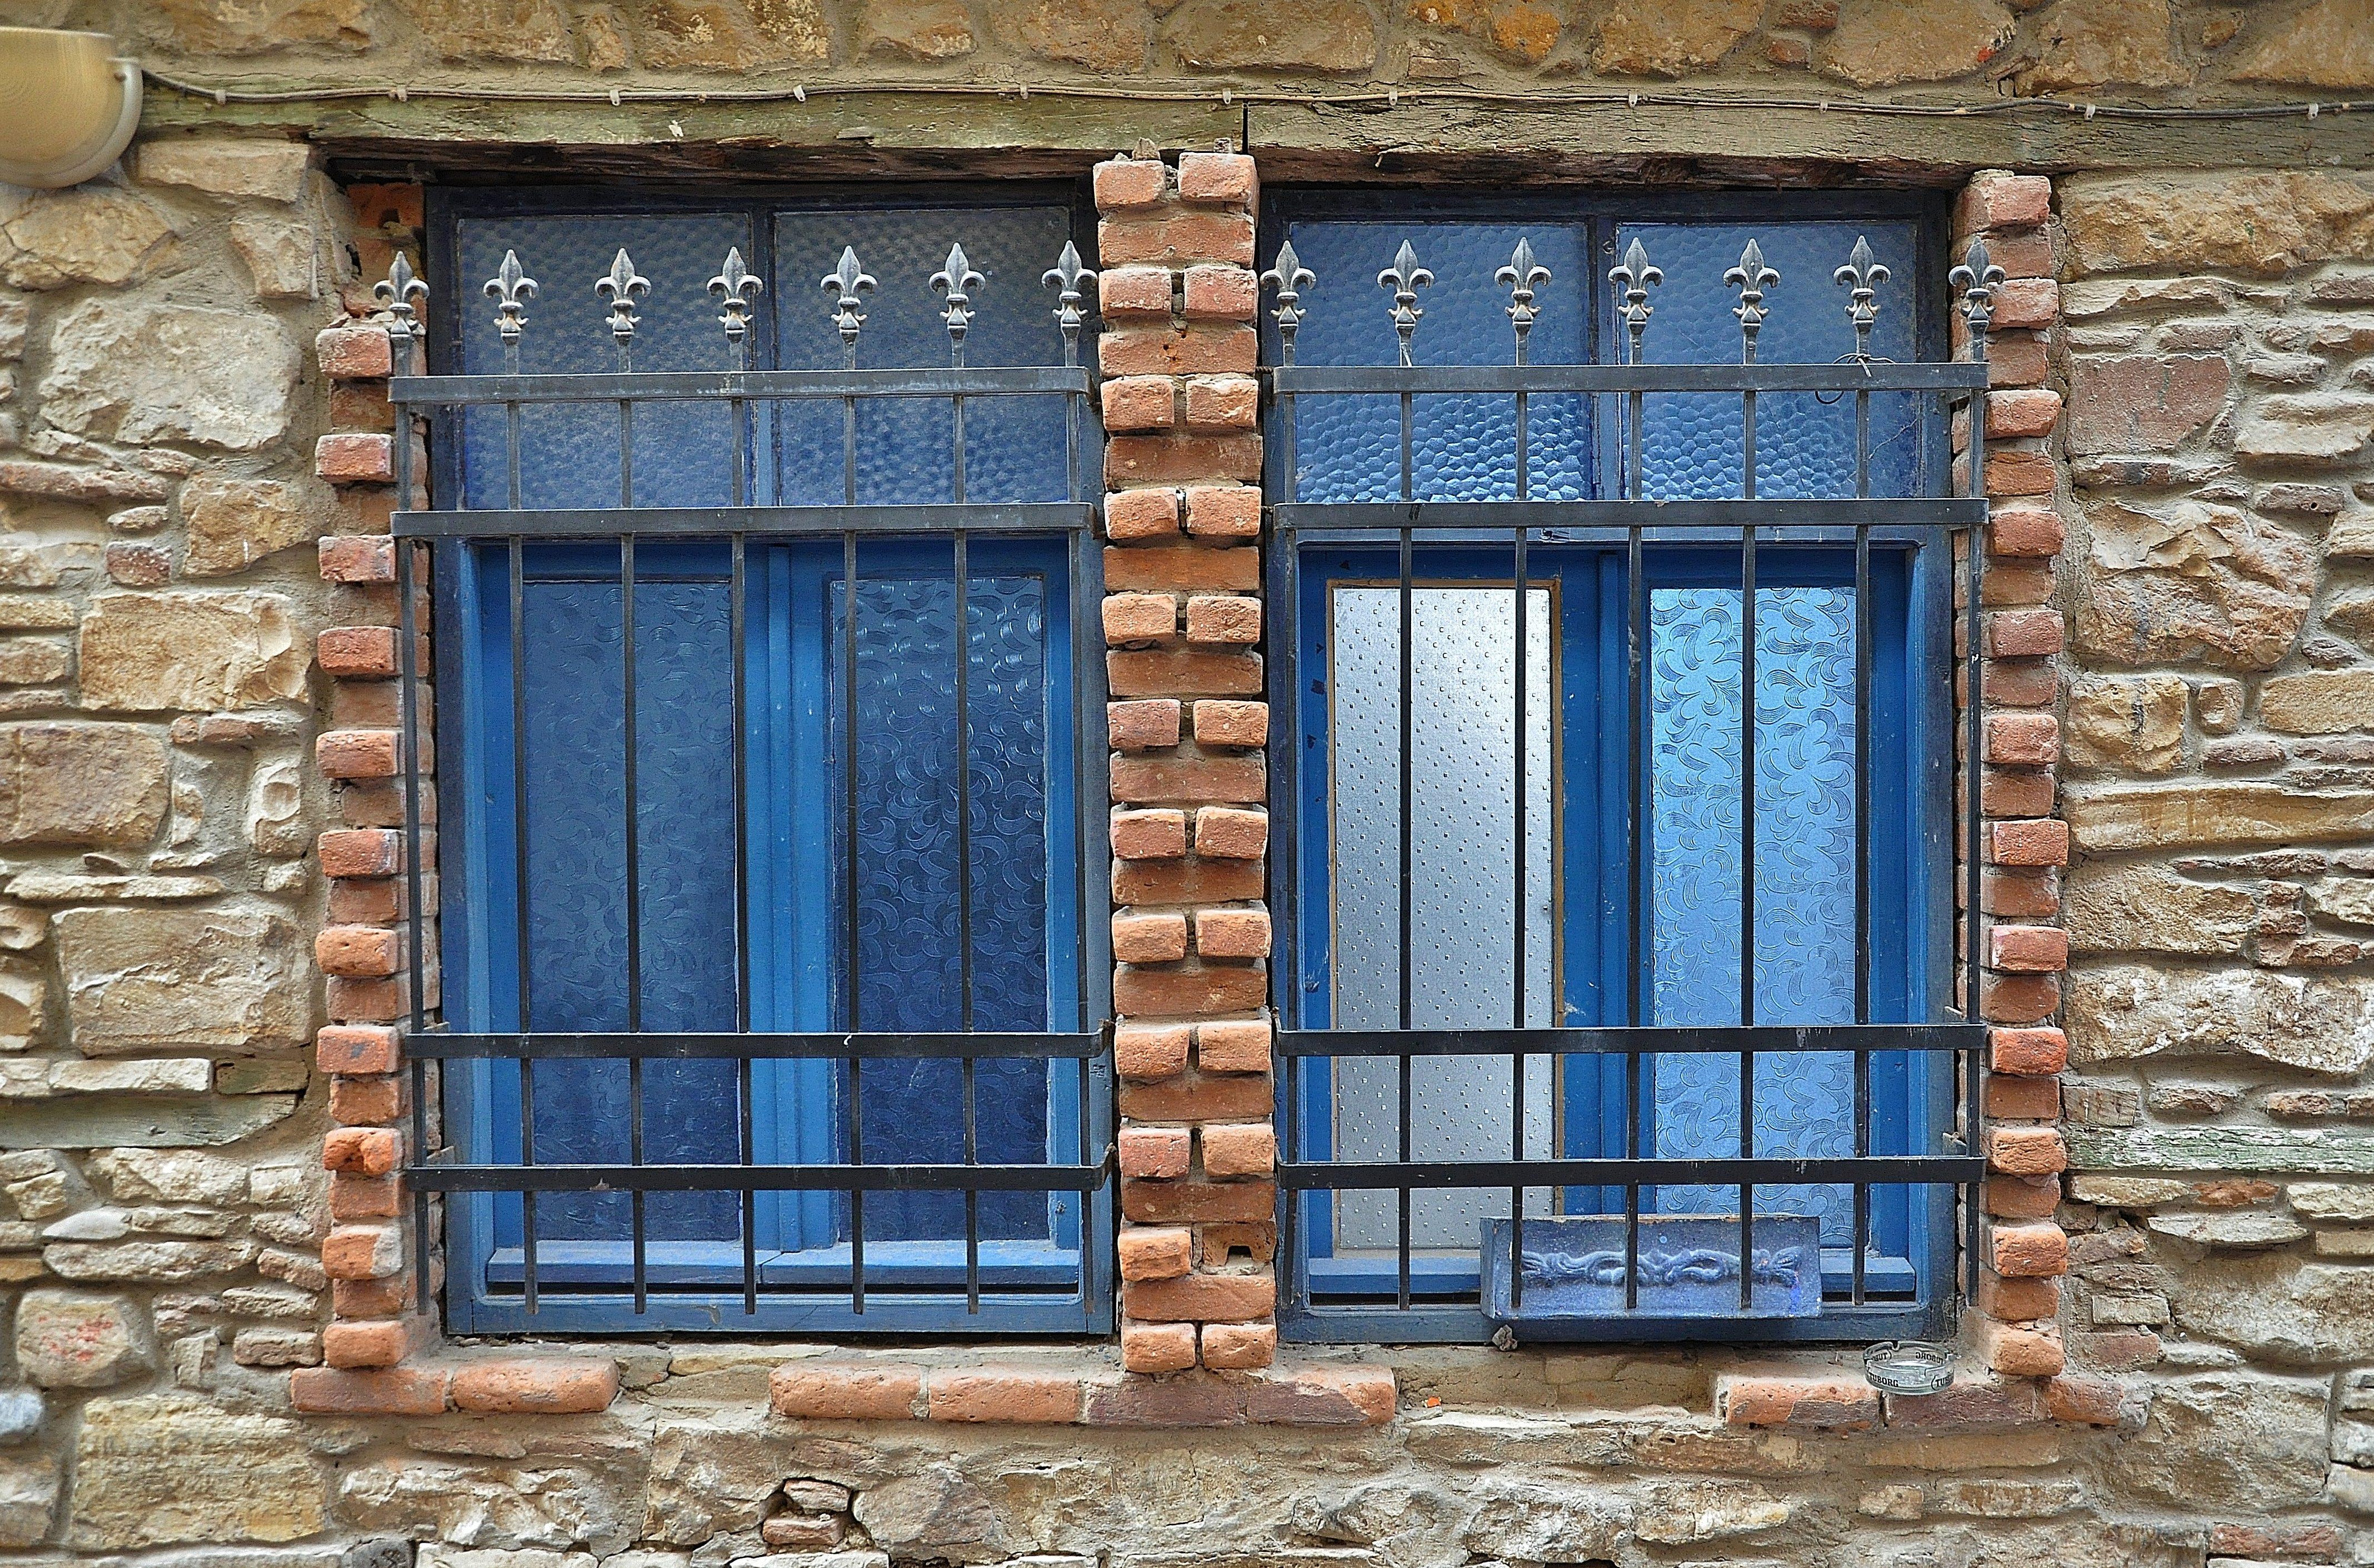 Images gratuites bois maison b timent vieux mur for Facade maison gris bleu